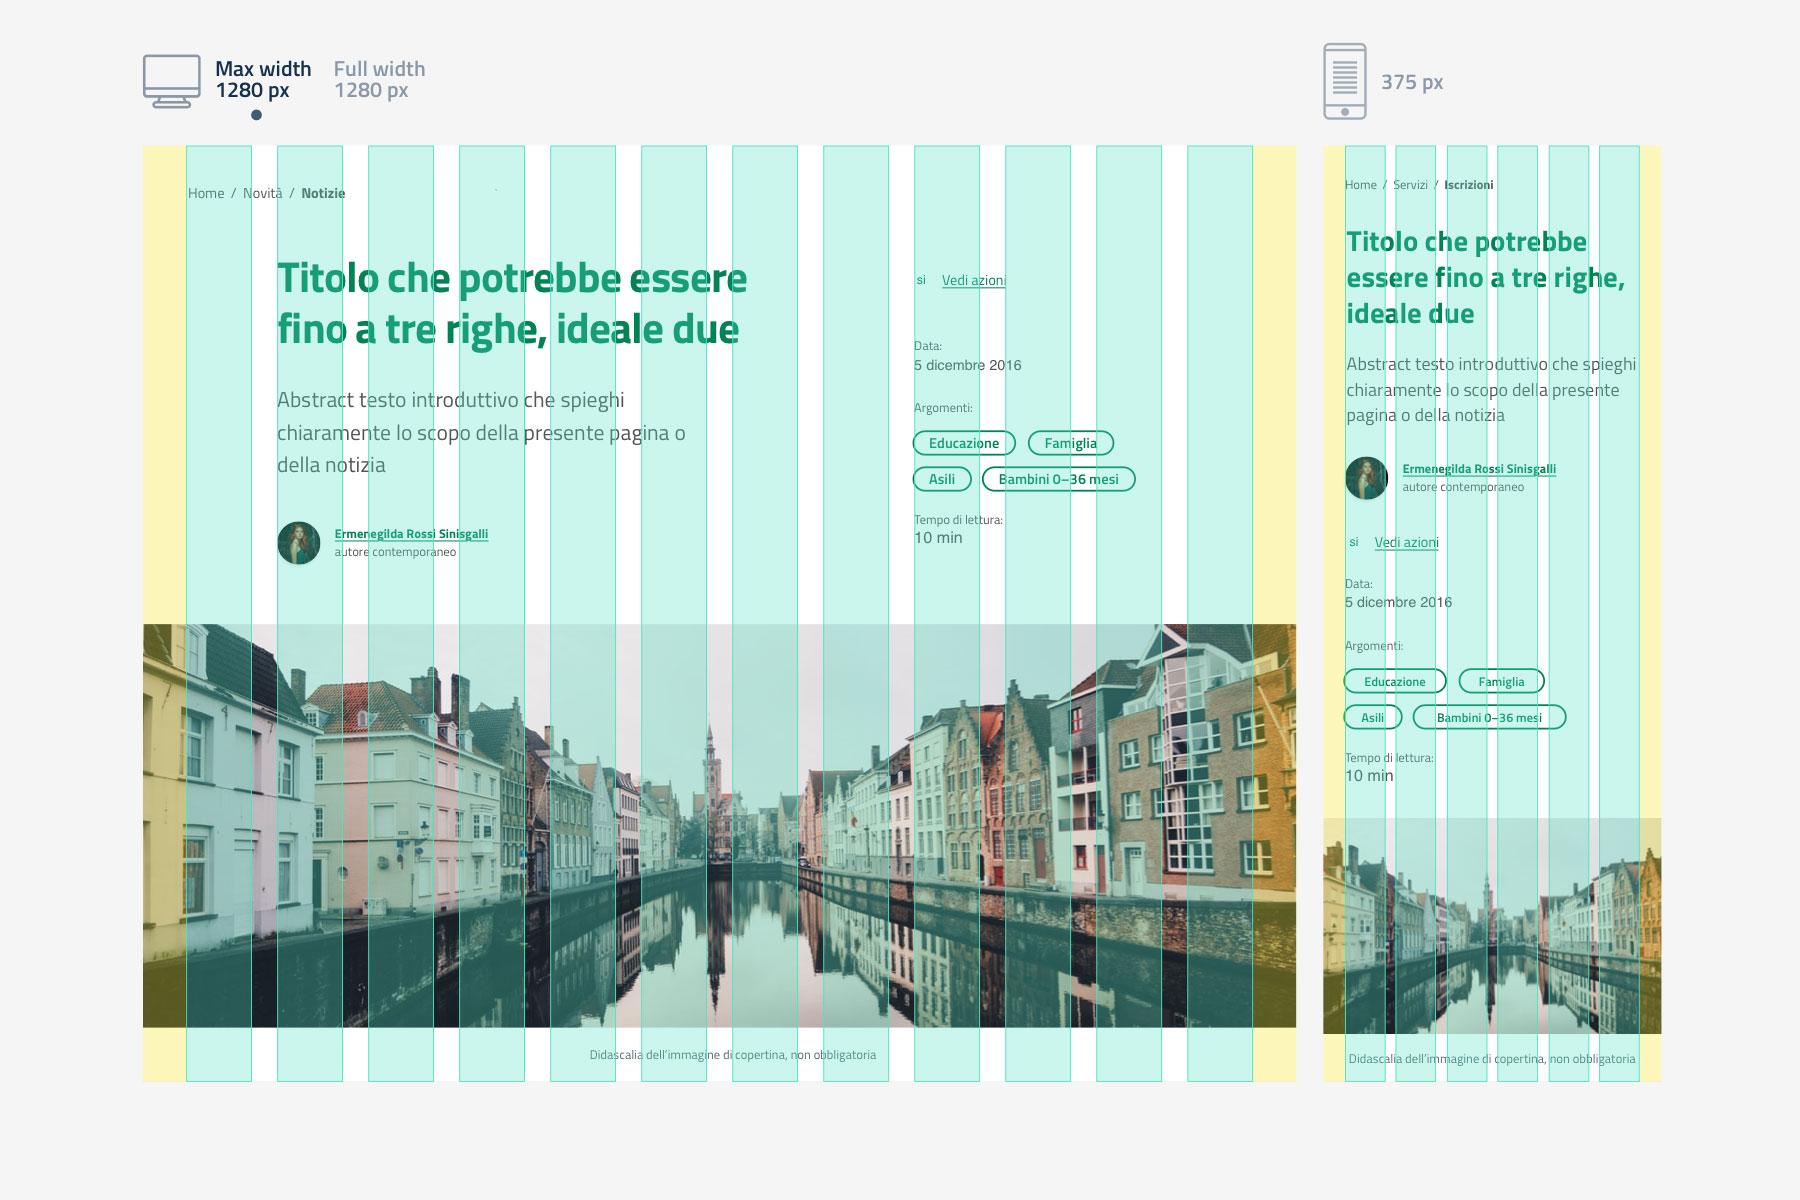 nasonero_Team-digitale_progetto-comuni-_griglie